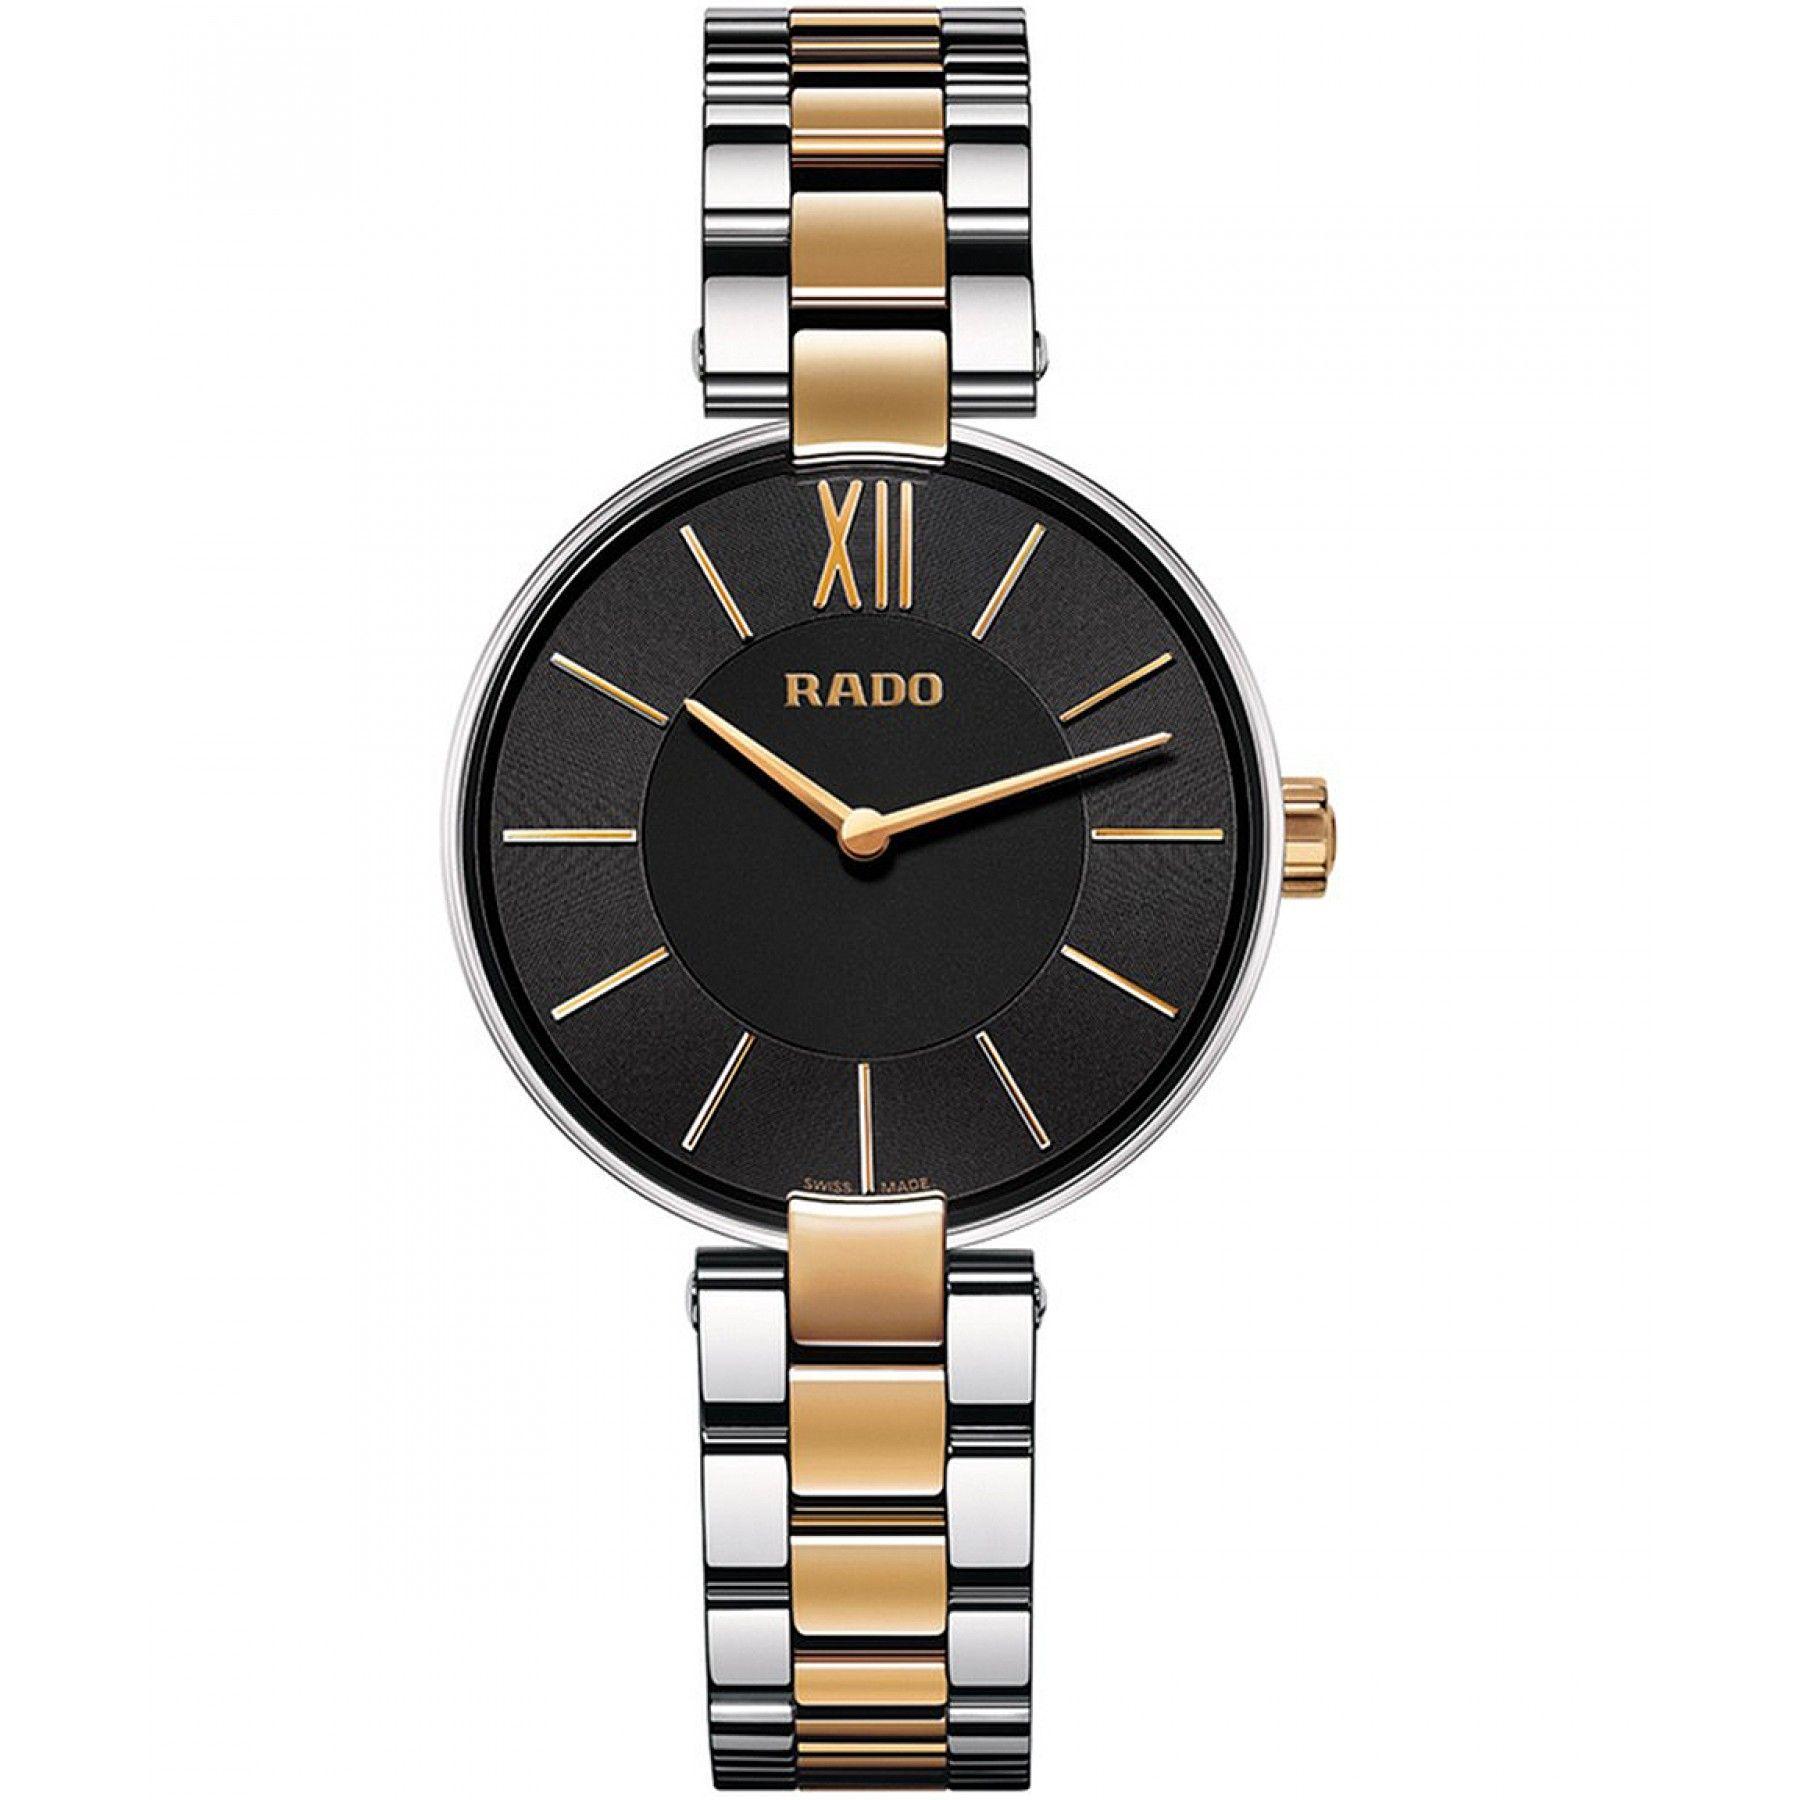 Reloj con caja en acero inoxidable con acabado en PVD oro rosado extensible  en acero con acabado PVD a dos tonos carátula negra y manecillas a  contraste. 866b7957c381